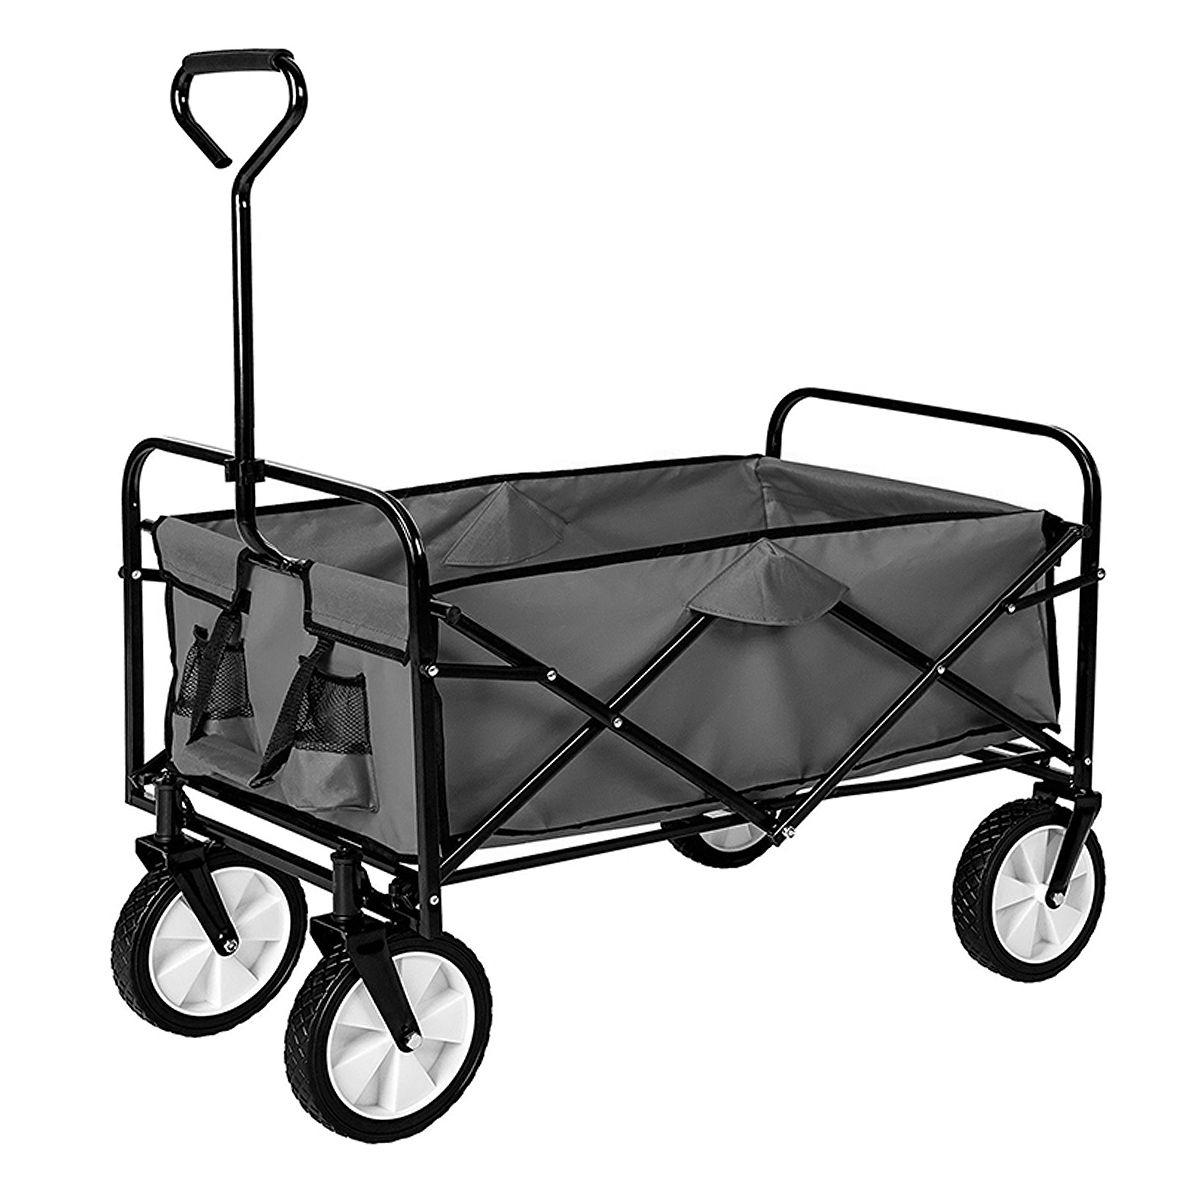 Chariot De Jardin Pliable - Remorque À Main 4 Roues ... serapportantà Chariot Remorque Jardin